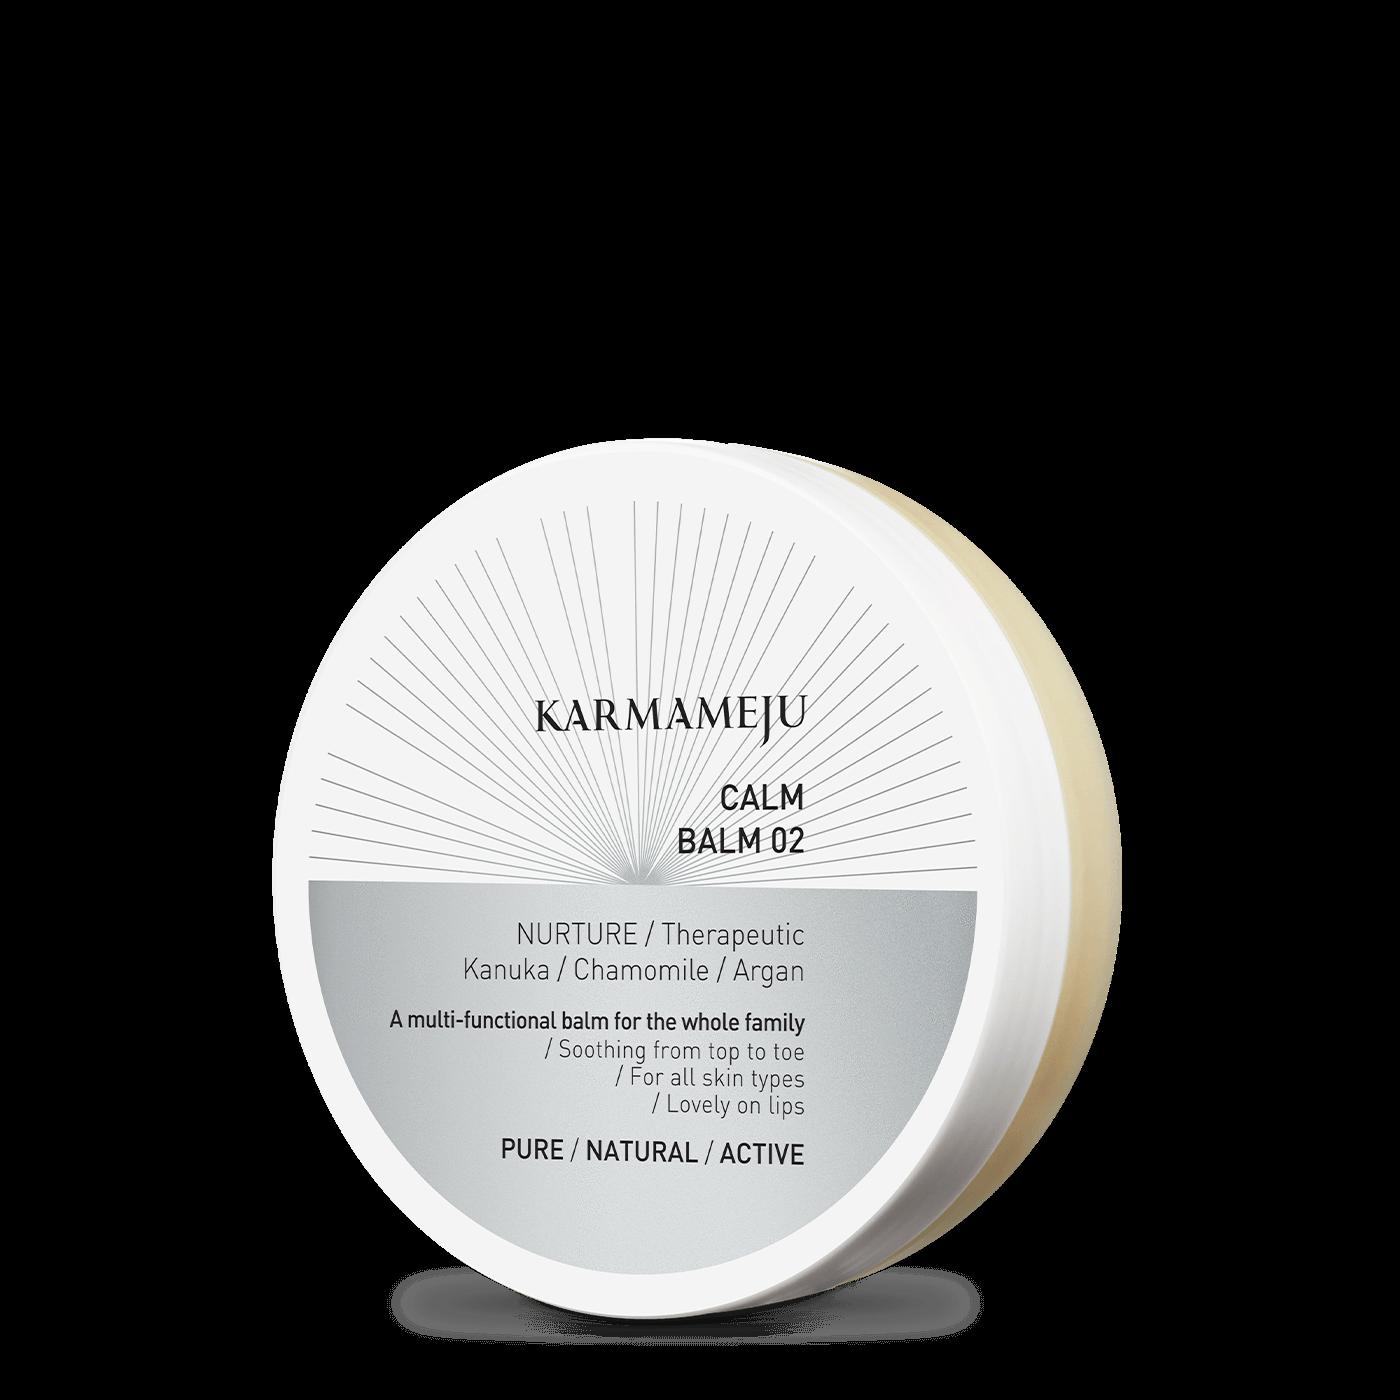 KarmamejuCALM / BALM 02